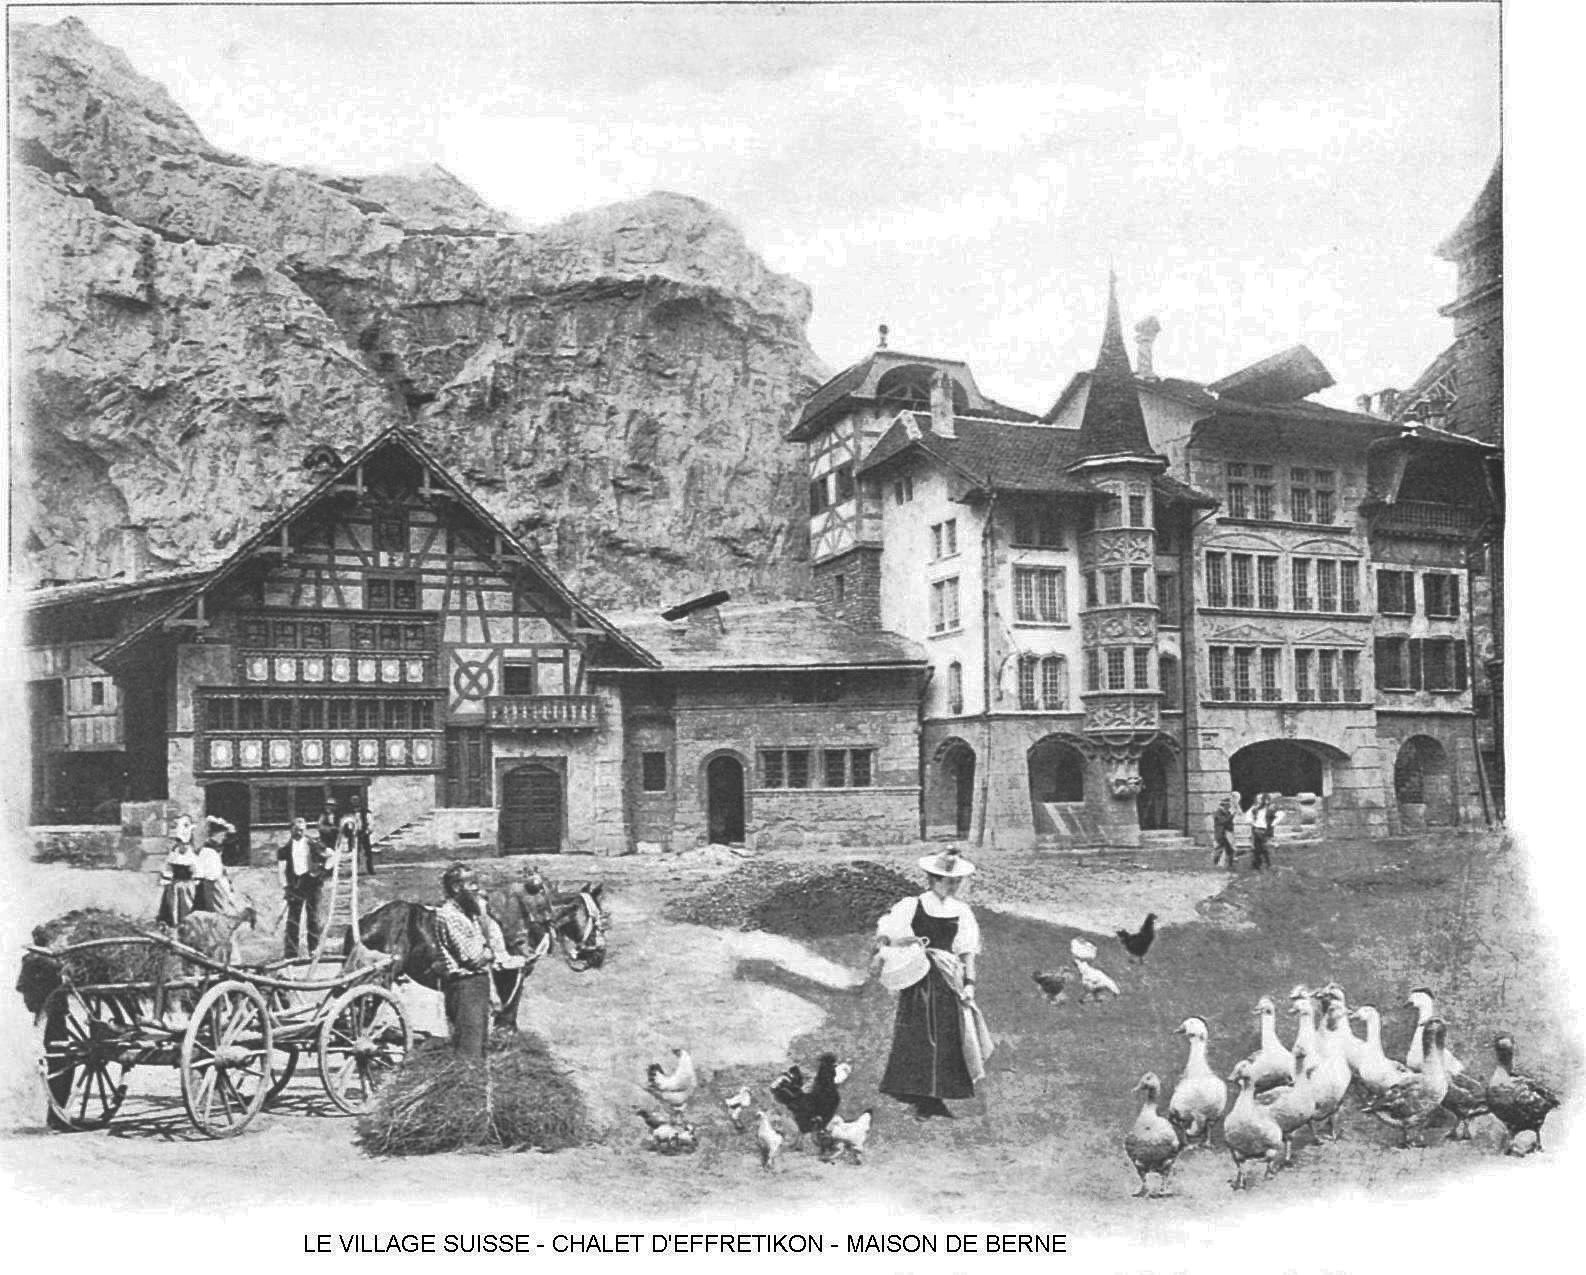 Le village suisse le chalet d effretikon maisons de berne